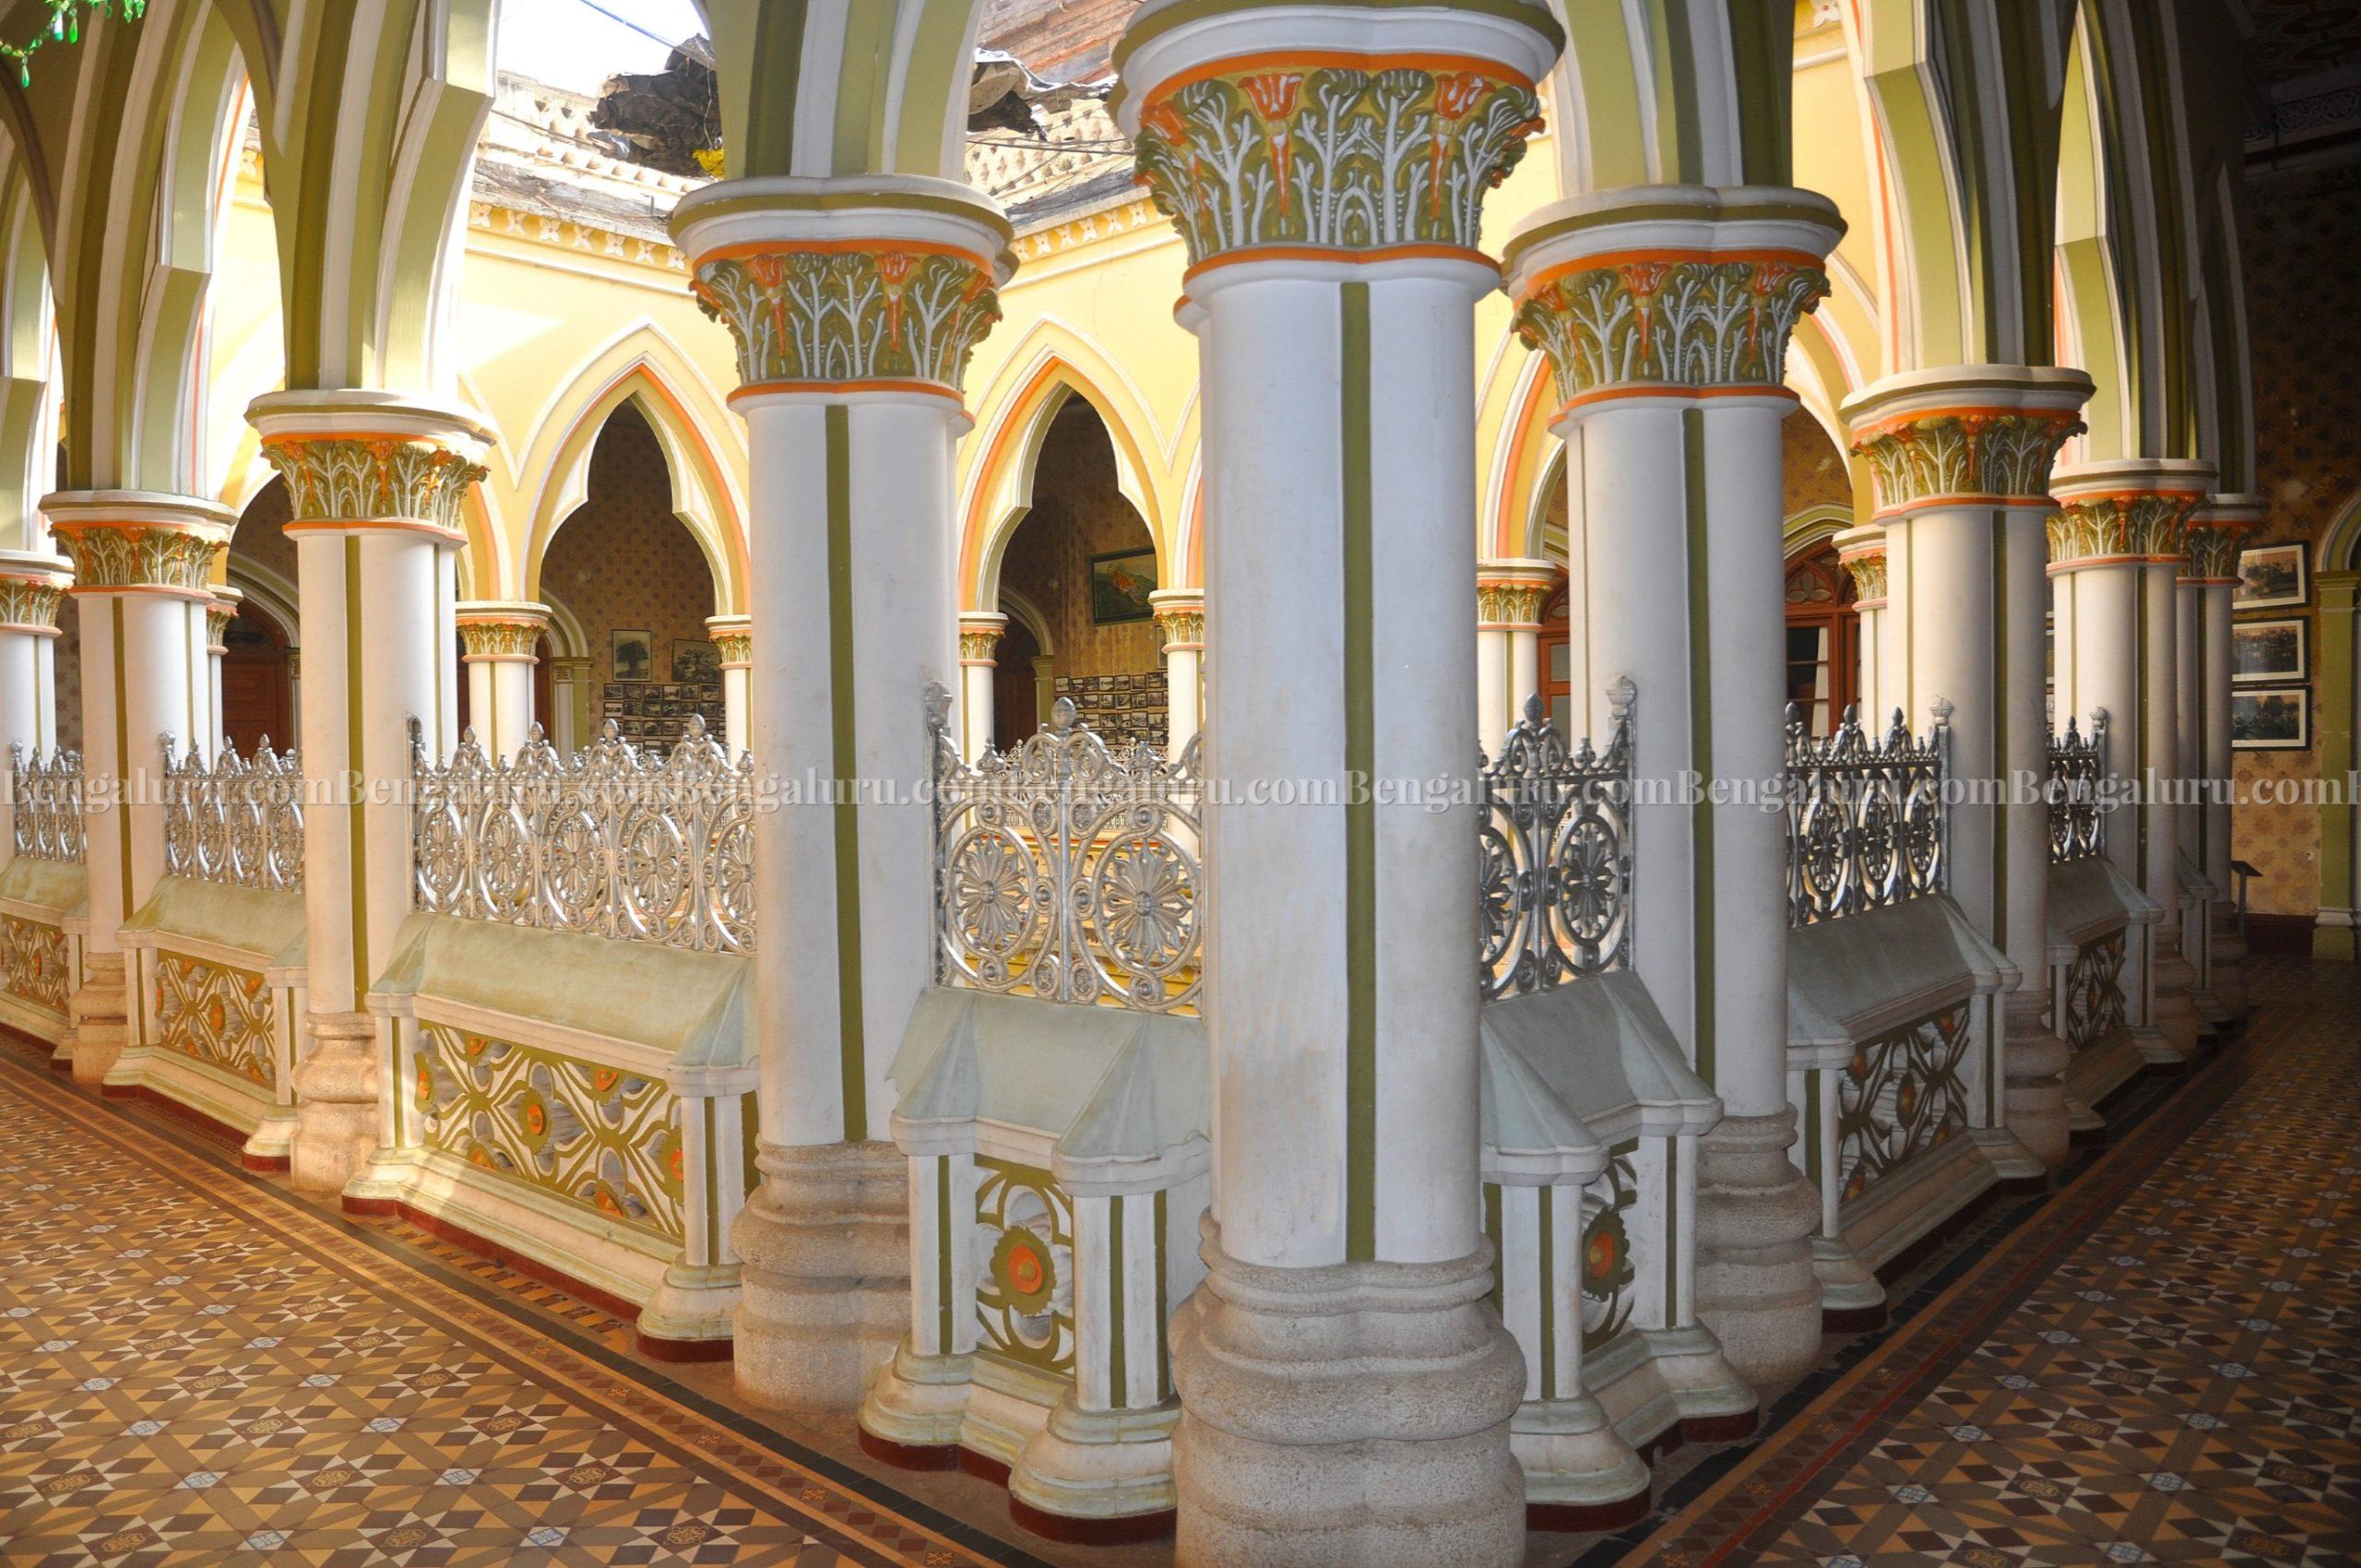 Bengaluru Palace - Artistic Pillars